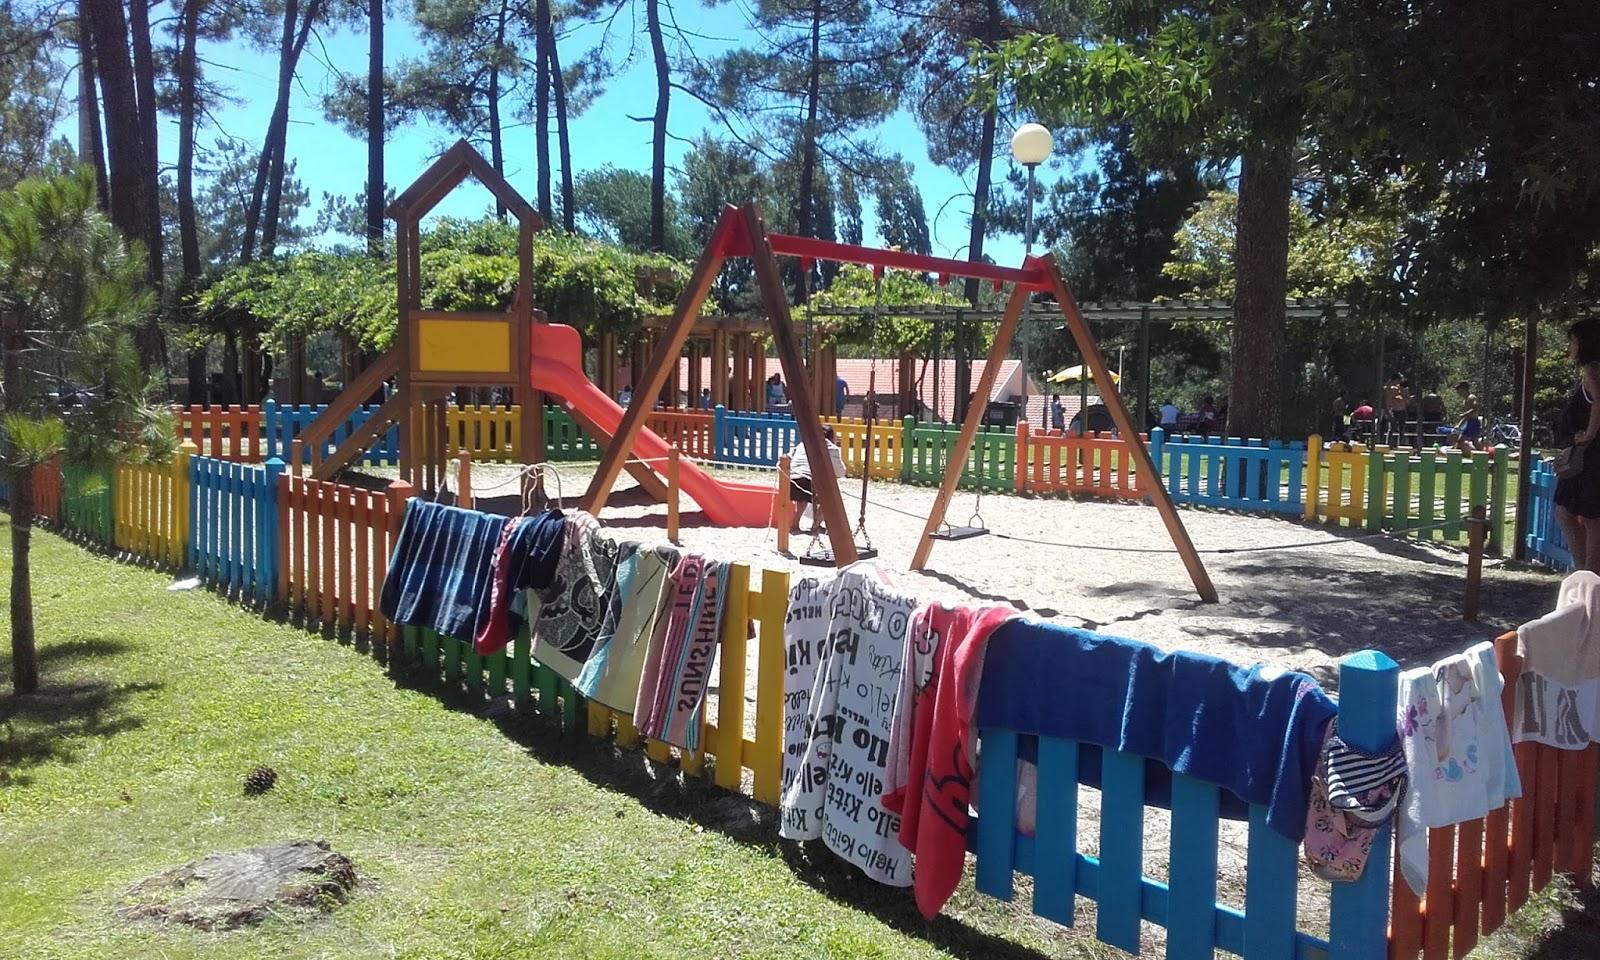 Parque Infantil Praia Fluvial Olhos da Fervença